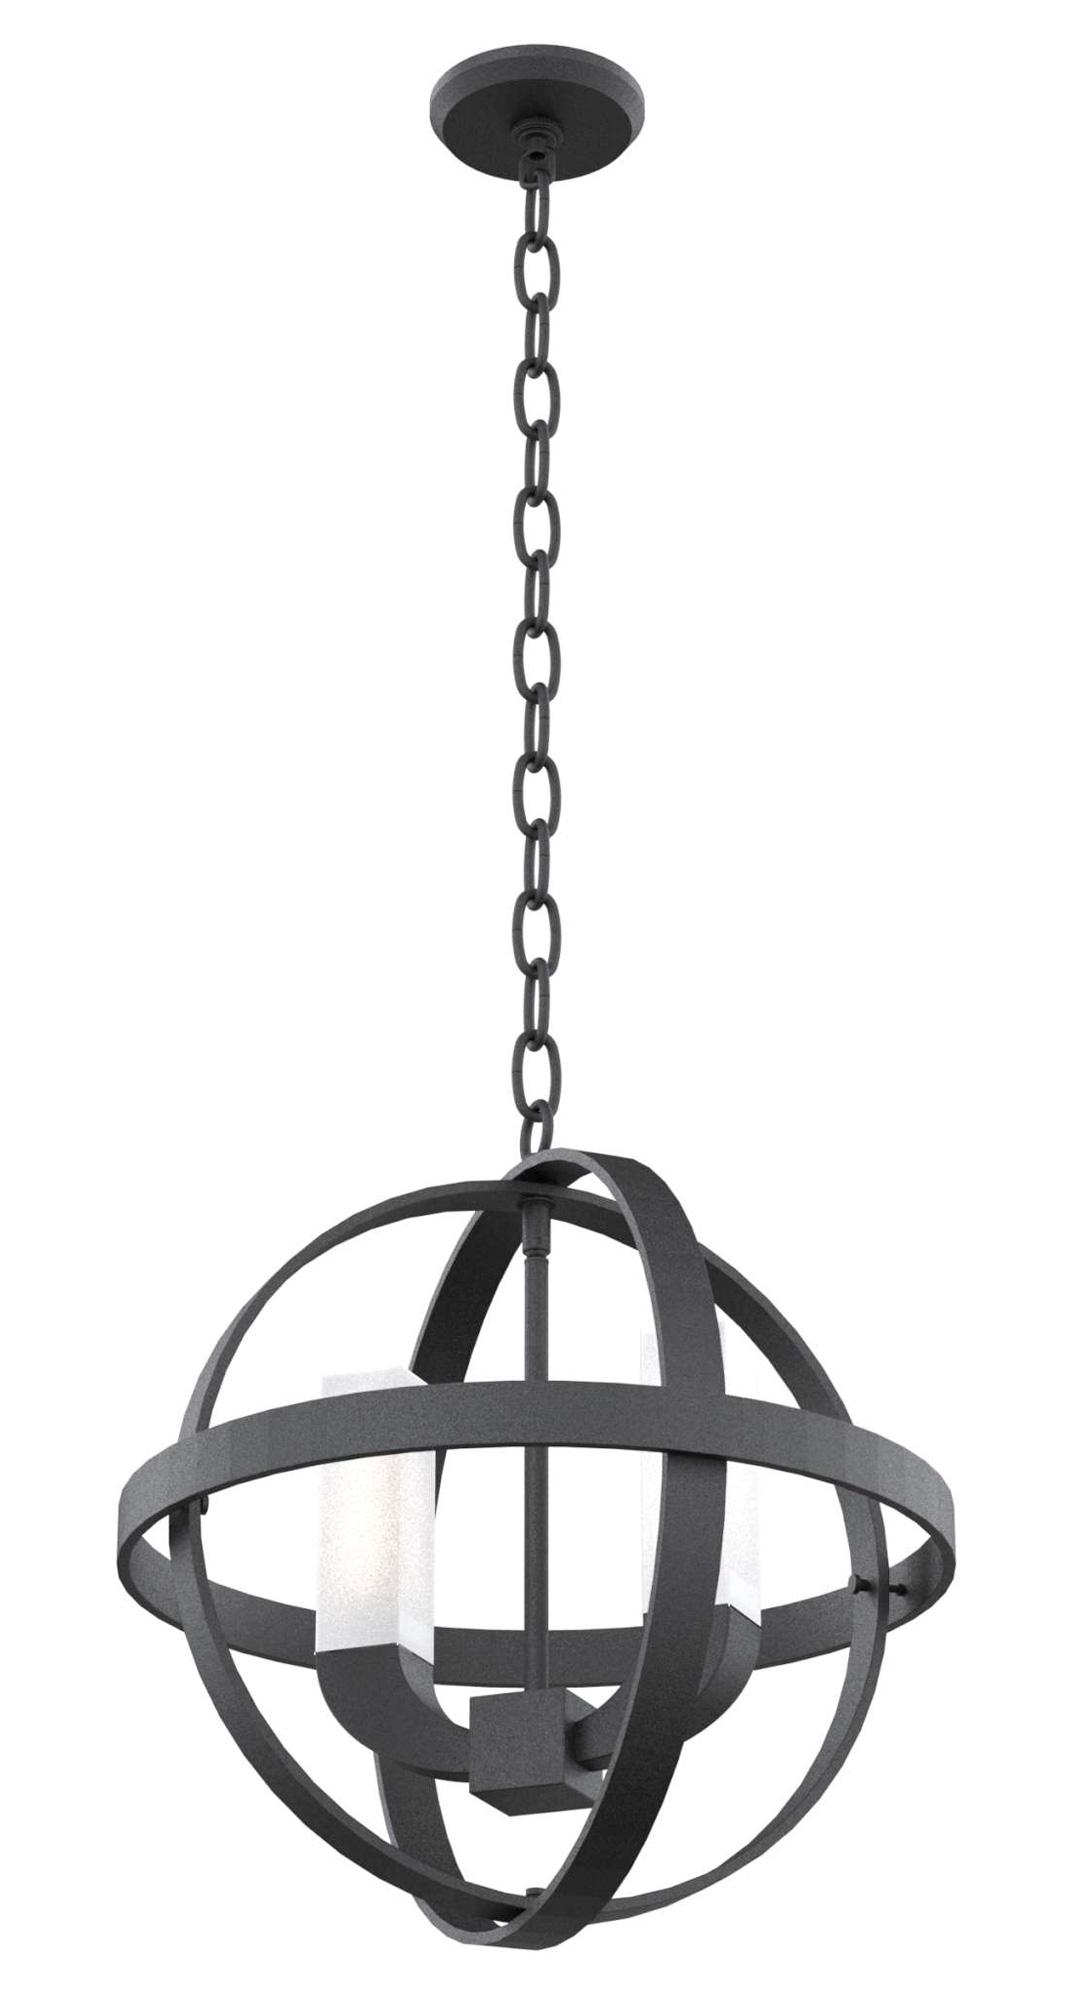 Outdoor Pendant by DVI Lighting | DVP21913-HB-OP